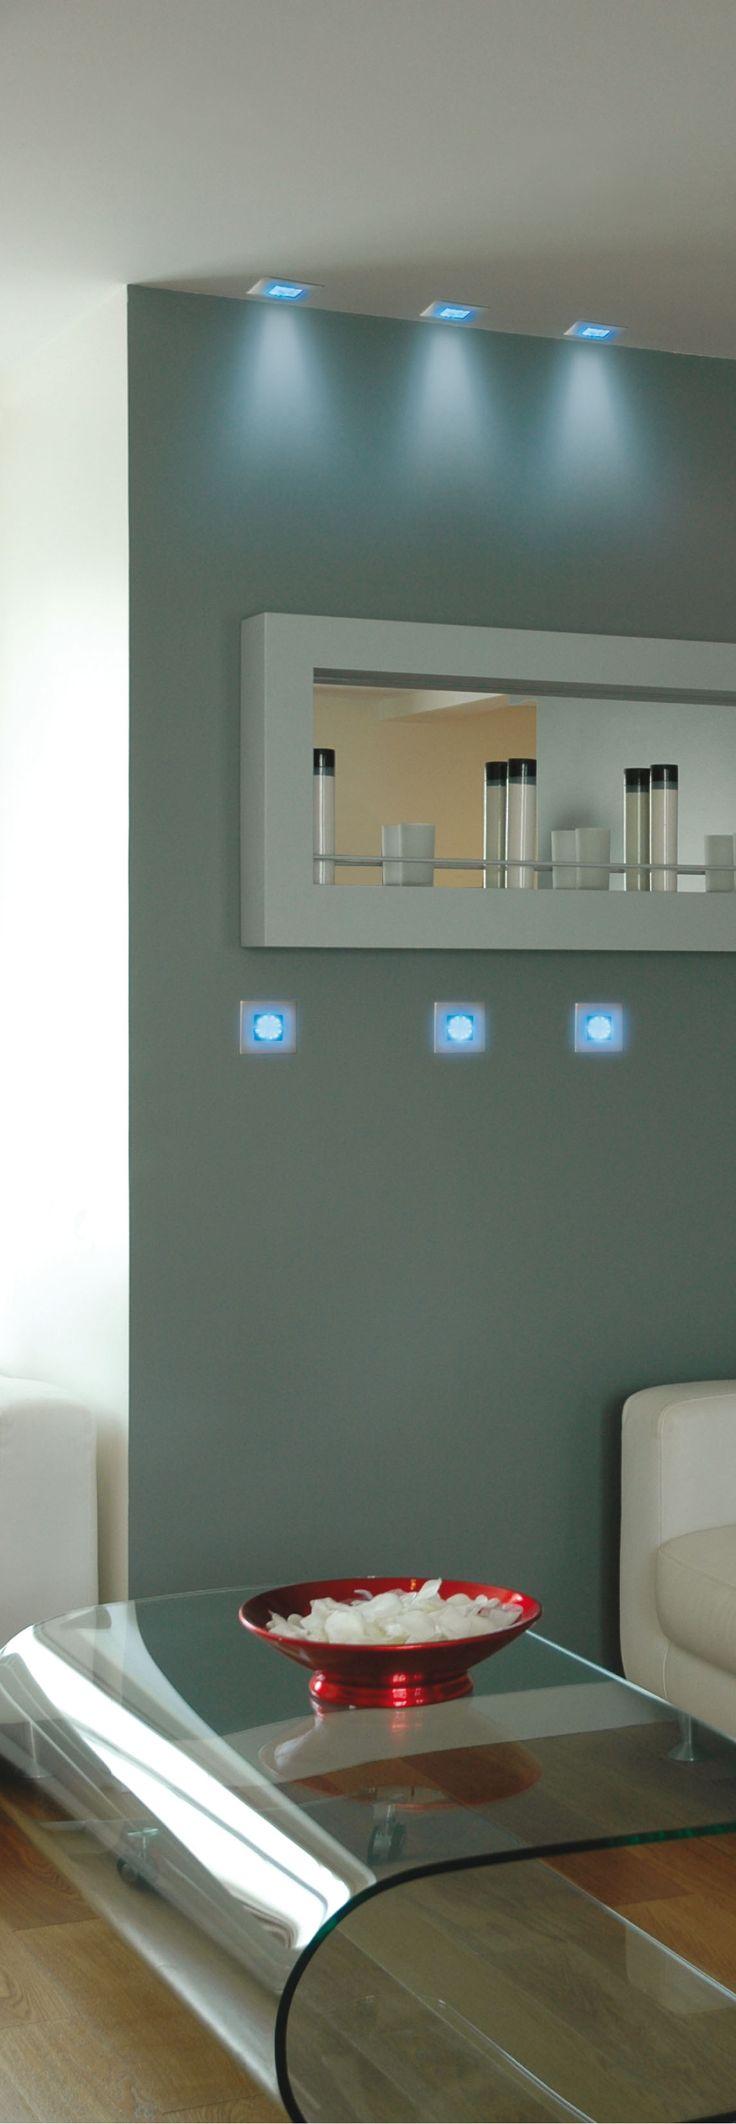 Ajoutez une touche de design à vos intérieurs #LED #salon #table #éclairage #economiedenergie #energie #technologie #eclairage #design #decoration #innovation